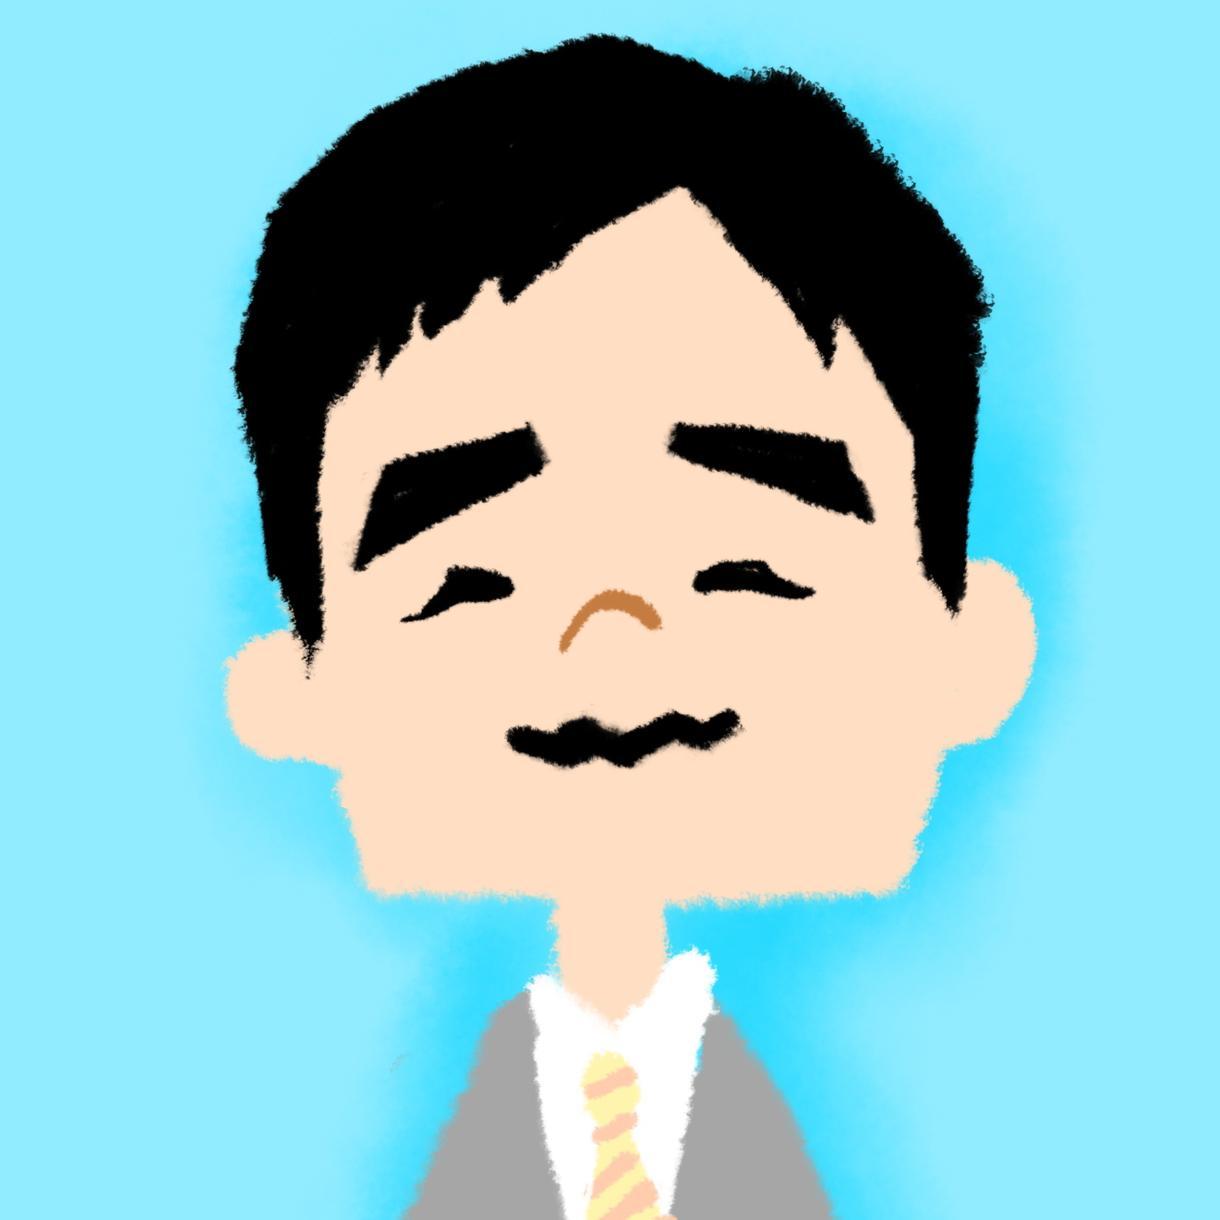 かわいくてシンプルな似顔絵アイコンを描きます